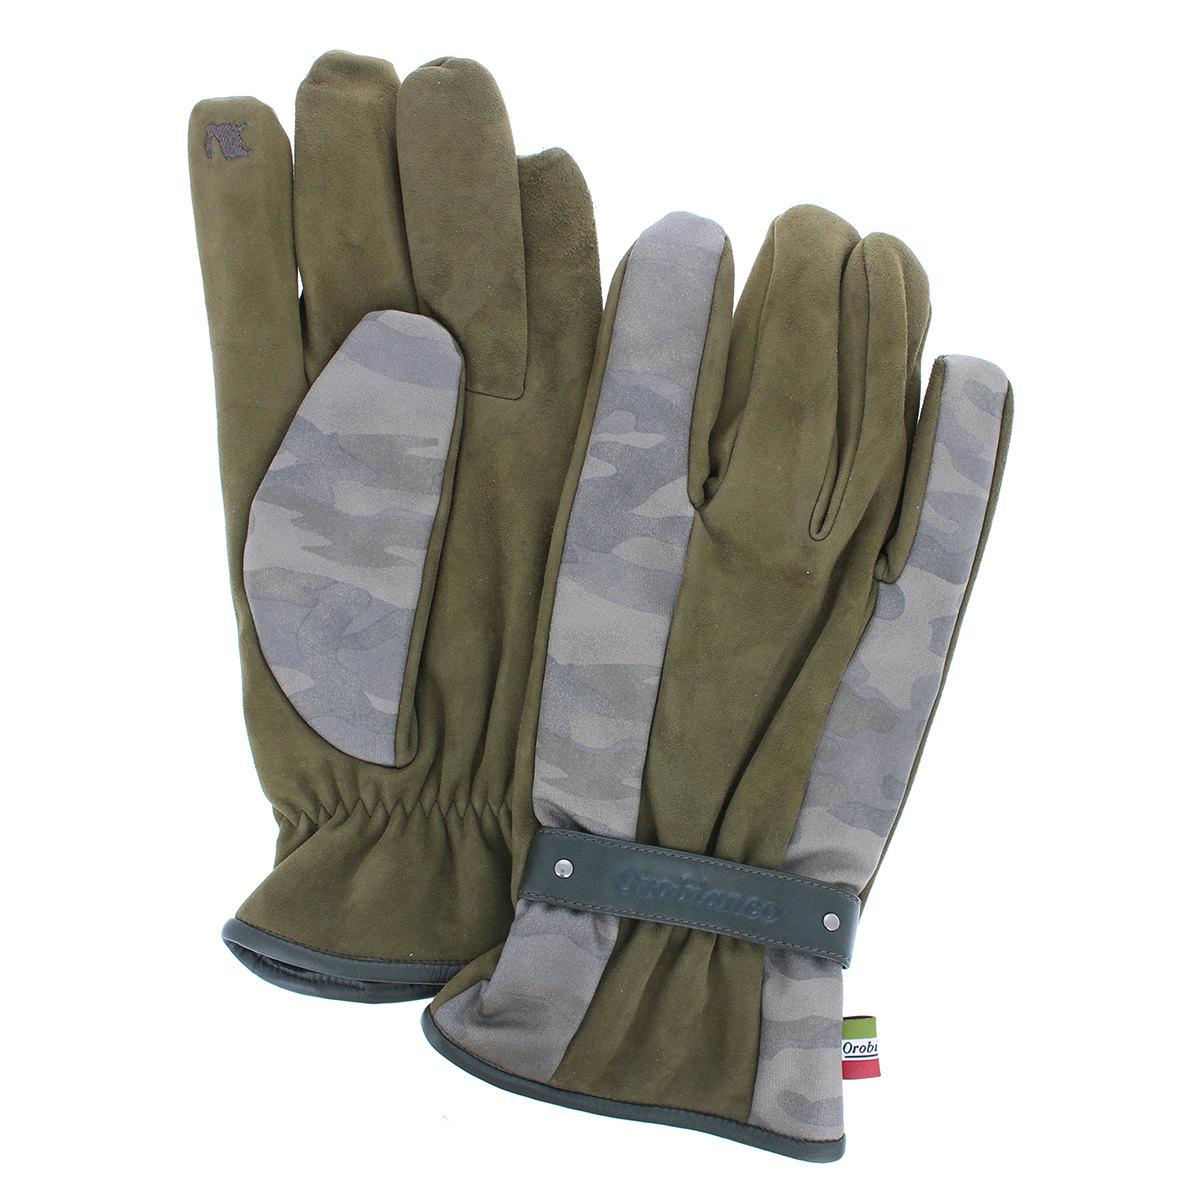 オロビアンコ メンズ 迷彩柄ナイロン ベルトデザイン 革コンビ 手袋 タッチパネル対応